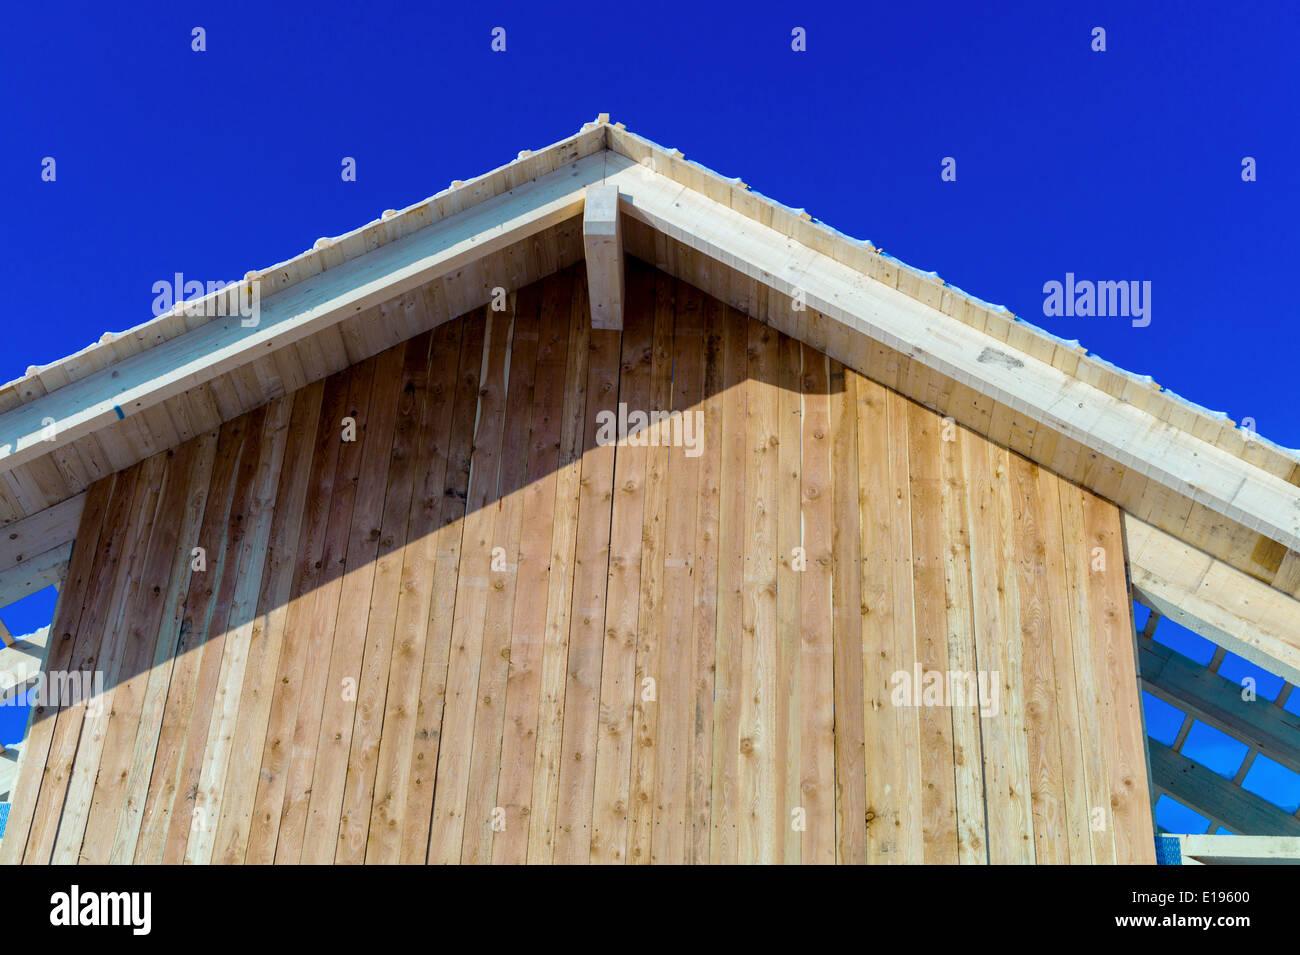 Dachkonstruktion aus Holz, Symbolfoto F¸r Eigenheim, Hausbau, Hausfinanzierung und Stockbild